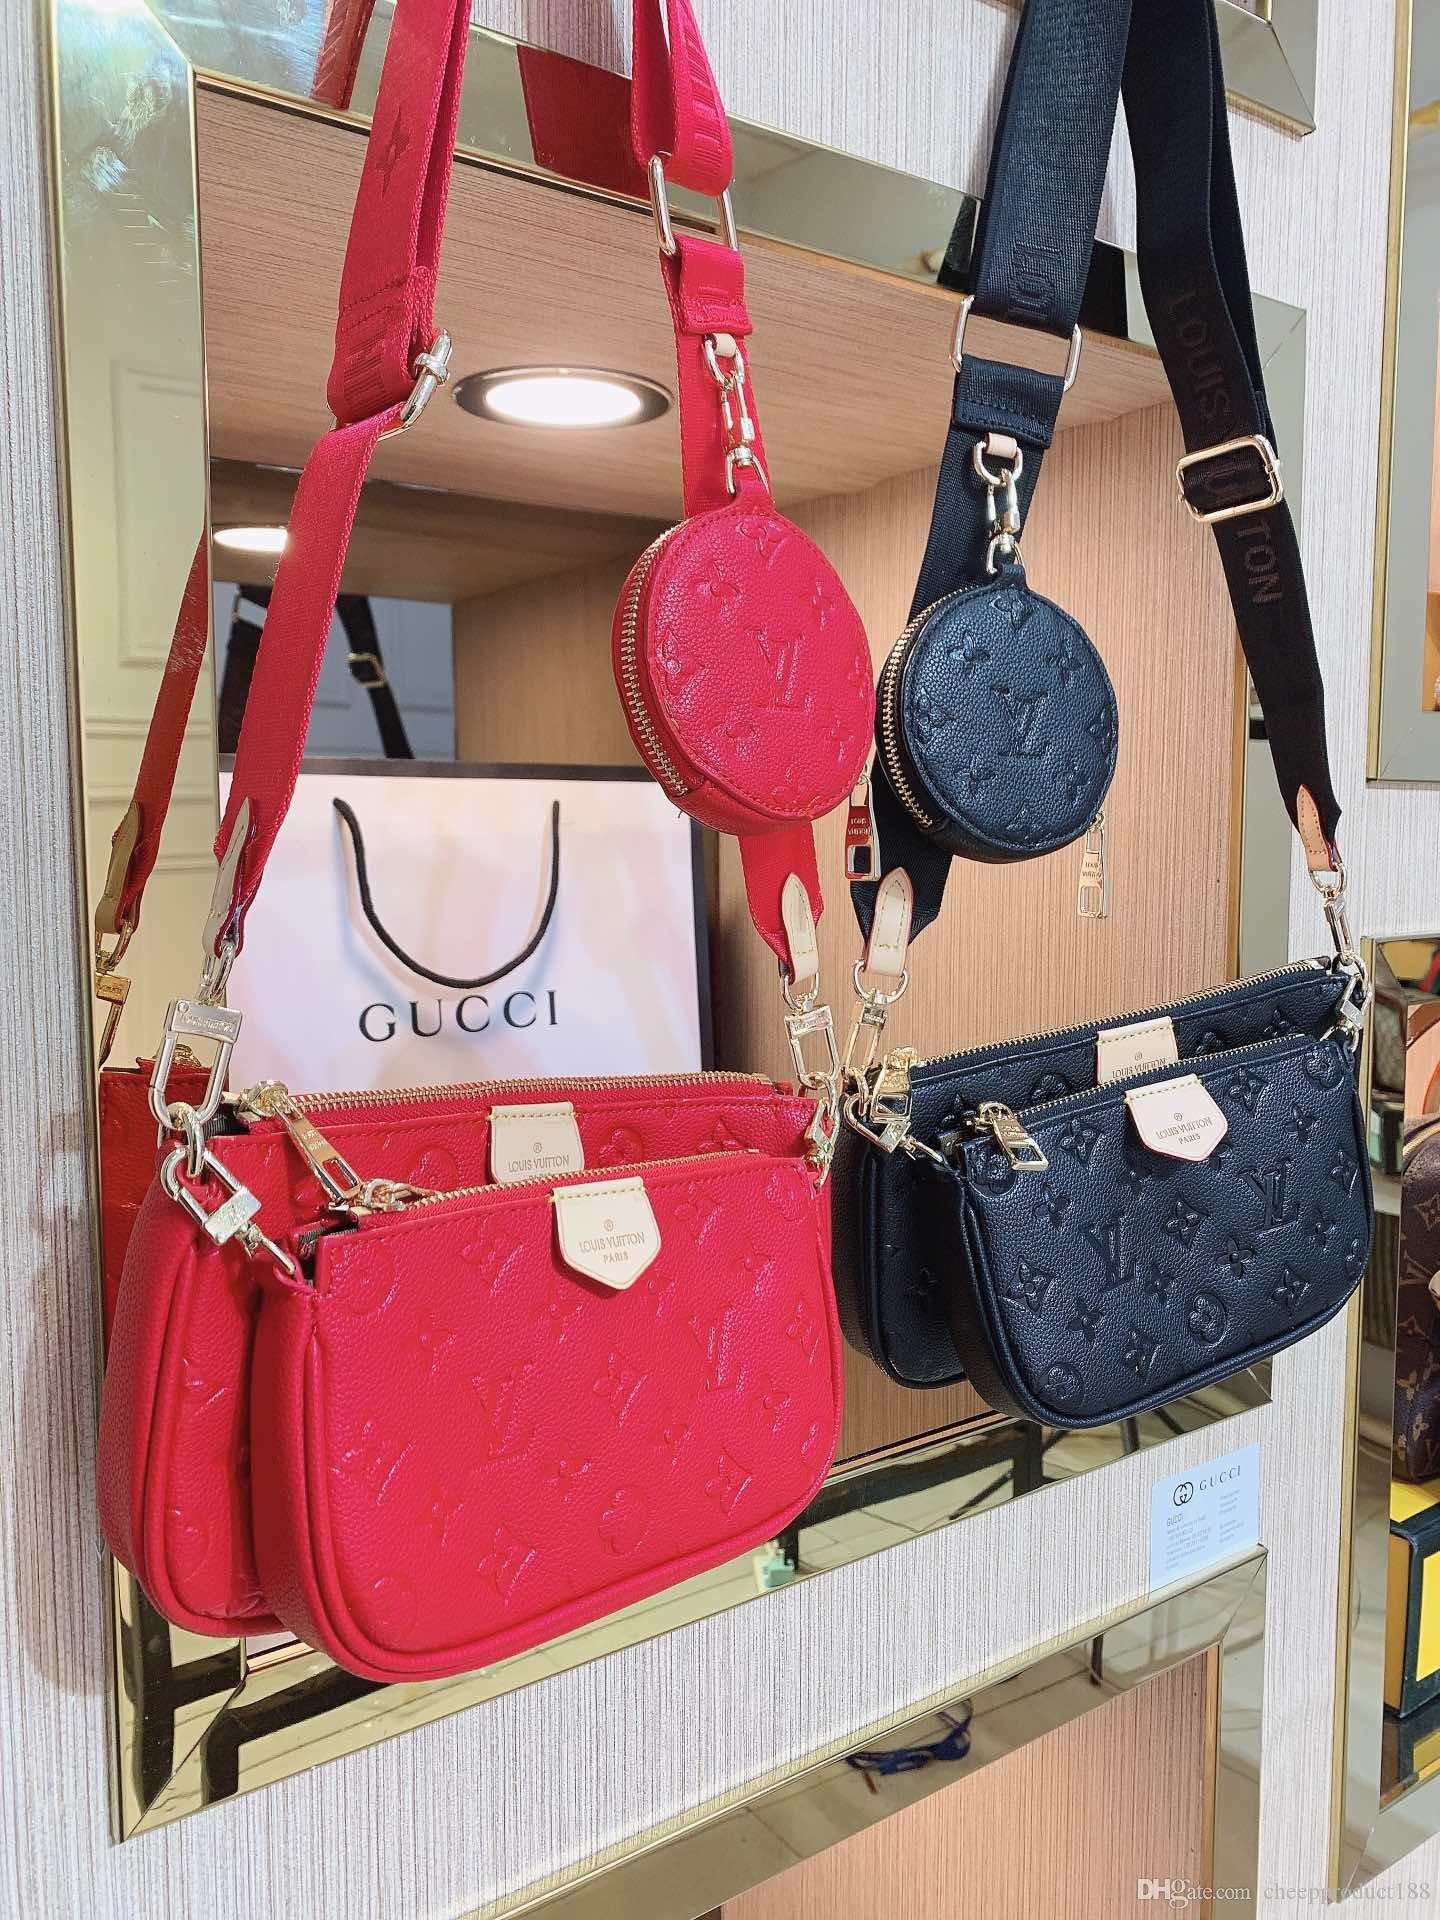 MULTI POCHETTE ACCESSORIES الأفاق أزياء العلامة التجارية النقش مشبك إمرأة حقيبة يد مصمم الجلود سلسلة حقيبة الكتف أكياس هيئة الصليب محفظة